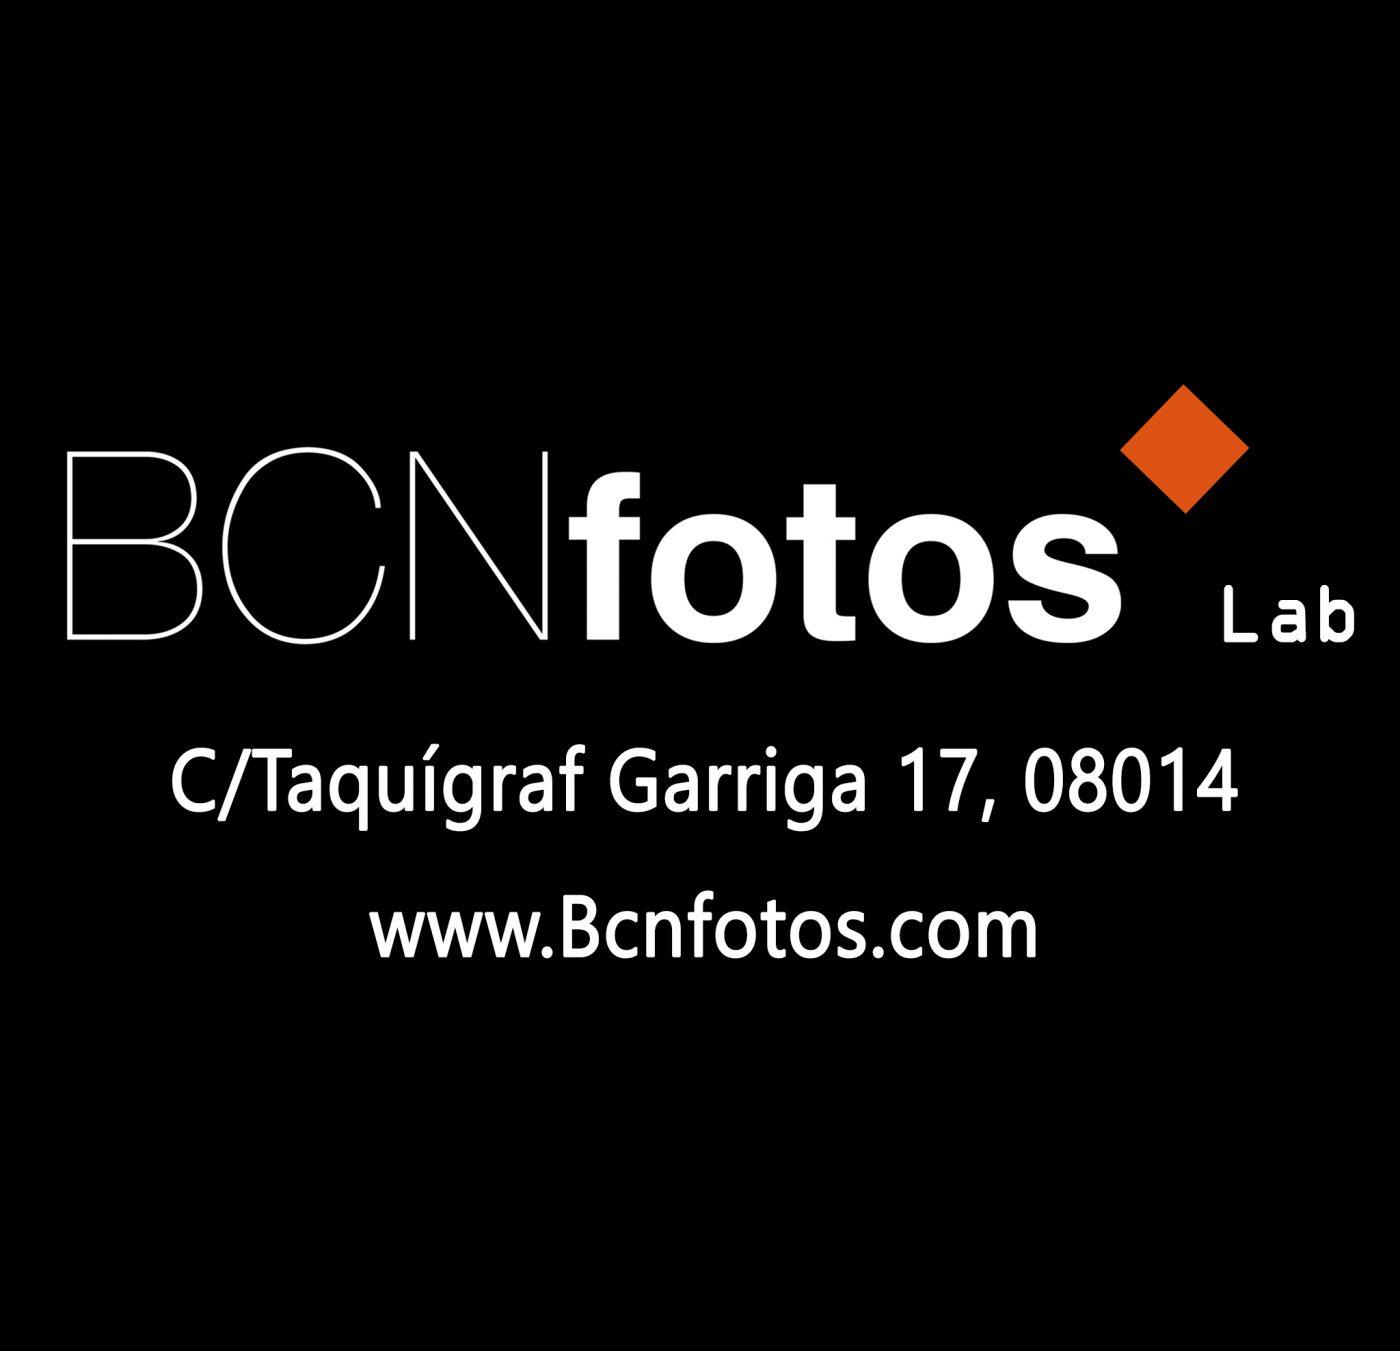 BCNFotos